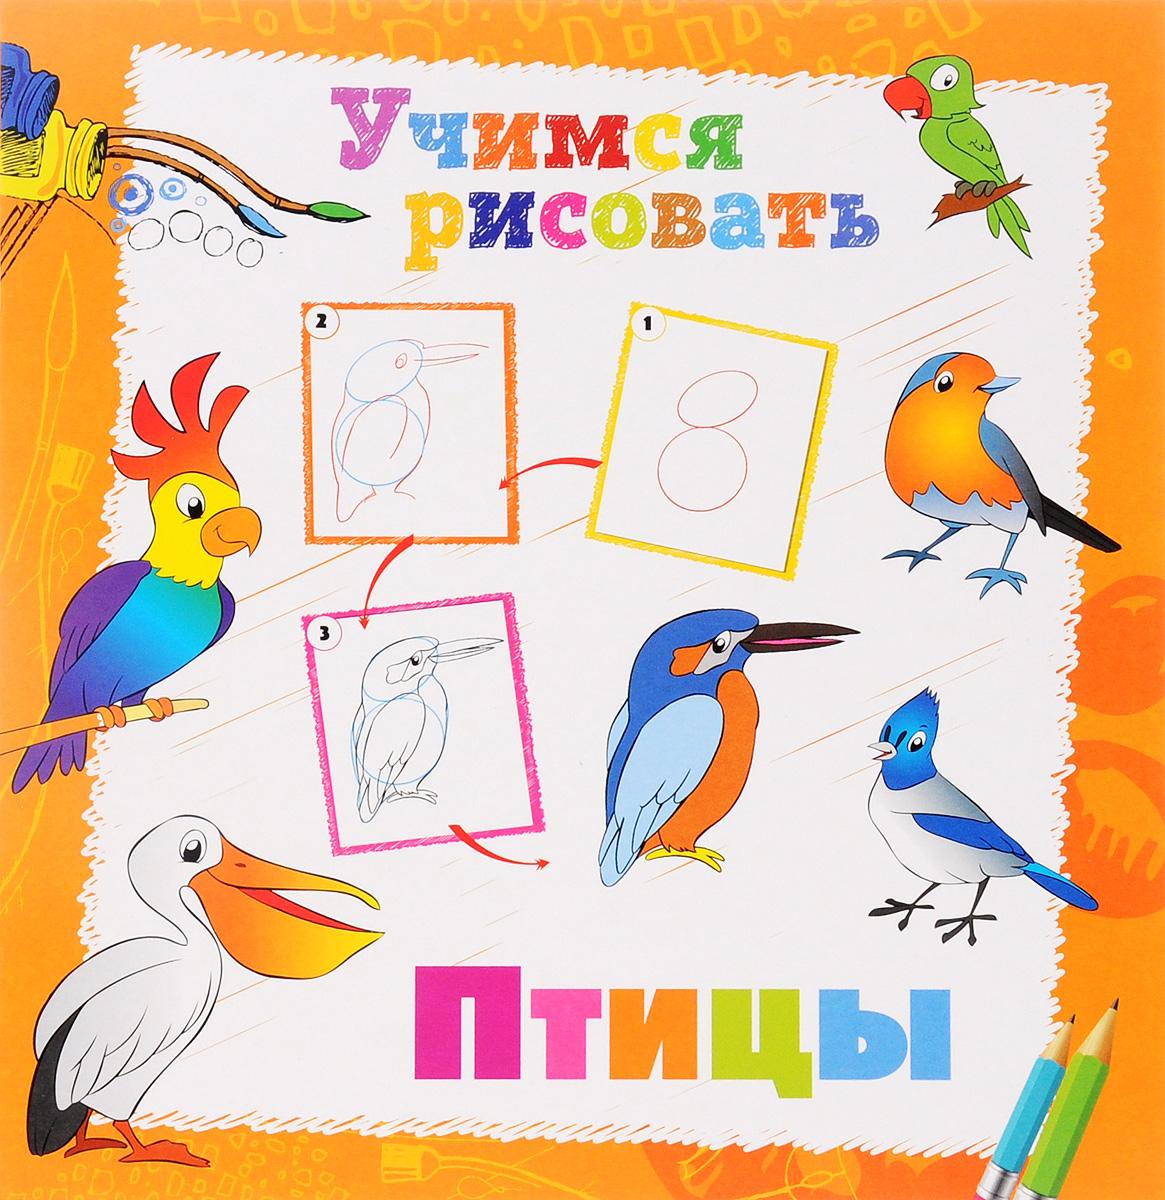 Птицы. Книжка-раскраска12296407Научим ребят рисовать! Многие малыши обожают рисовать! Рисование и раскрашивание - это не только интересное, но и очень полезное занятие. Мы создали серию книжек-раскрасок УЧИМСЯ РИСОВАТЬ, с которыми заниматься рисованием очень весело. Ваш ребенок сможет научиться рисовать животных, птиц, динозавров, фрукты, машины и многое другое, воспользовавшись пошаговыми советами художника. Желаем вам творческих успехов и хорошего настроения!